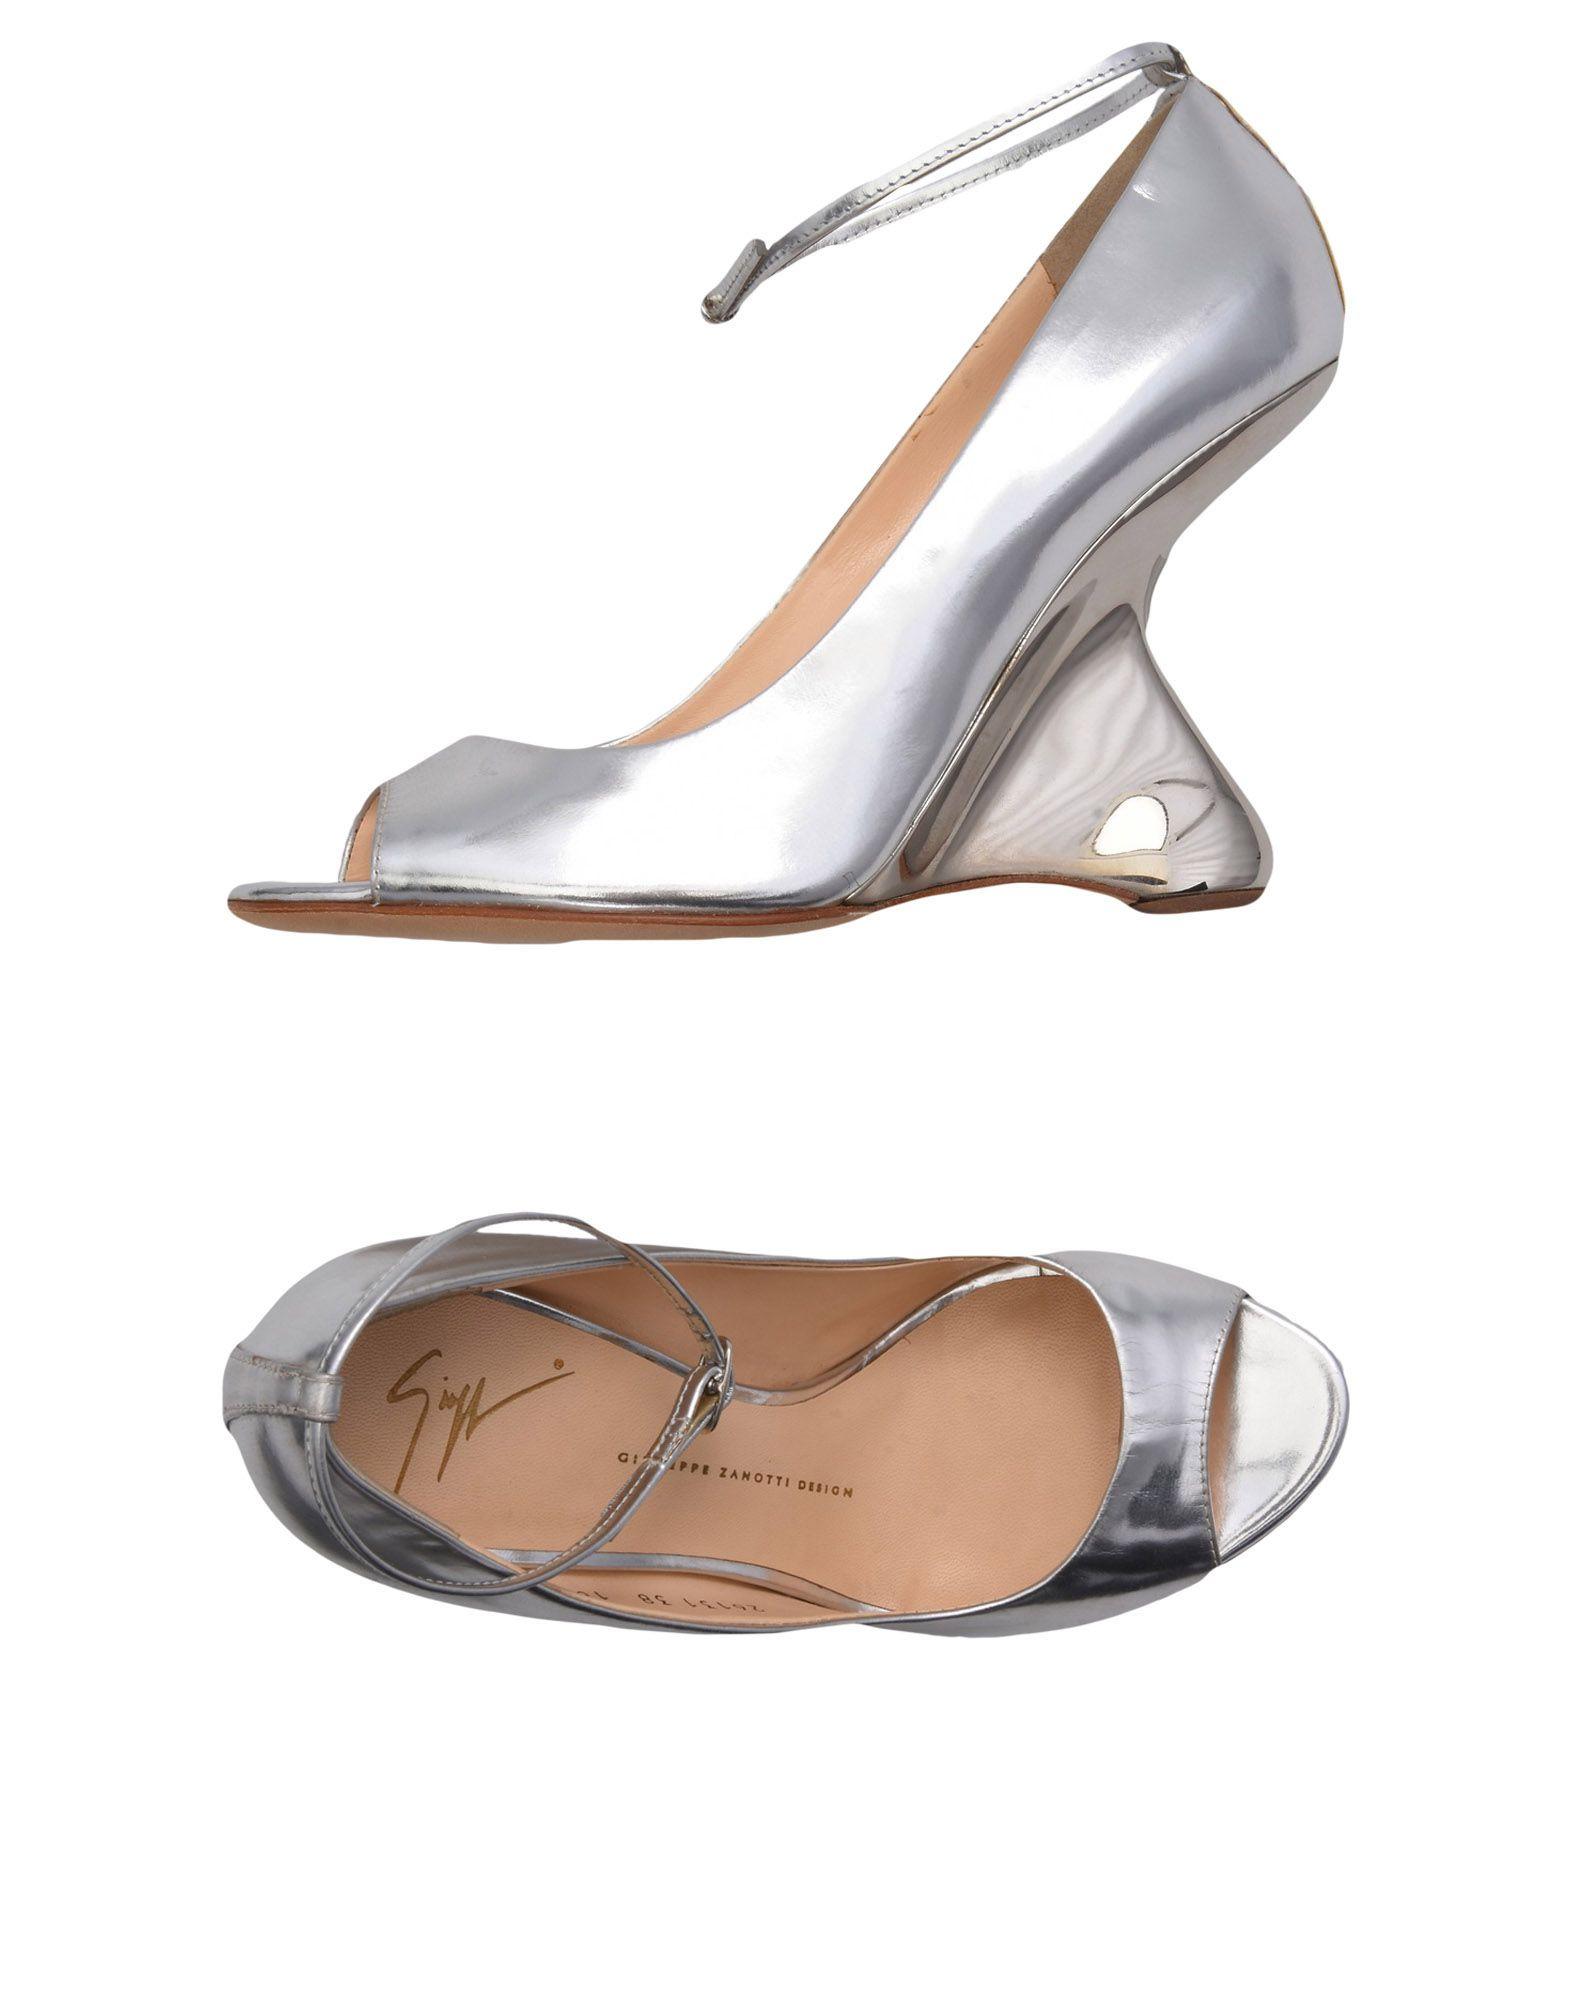 Rabatt Schuhe Giuseppe Zanotti Pumps 11484652HJ Damen  11484652HJ Pumps 368984